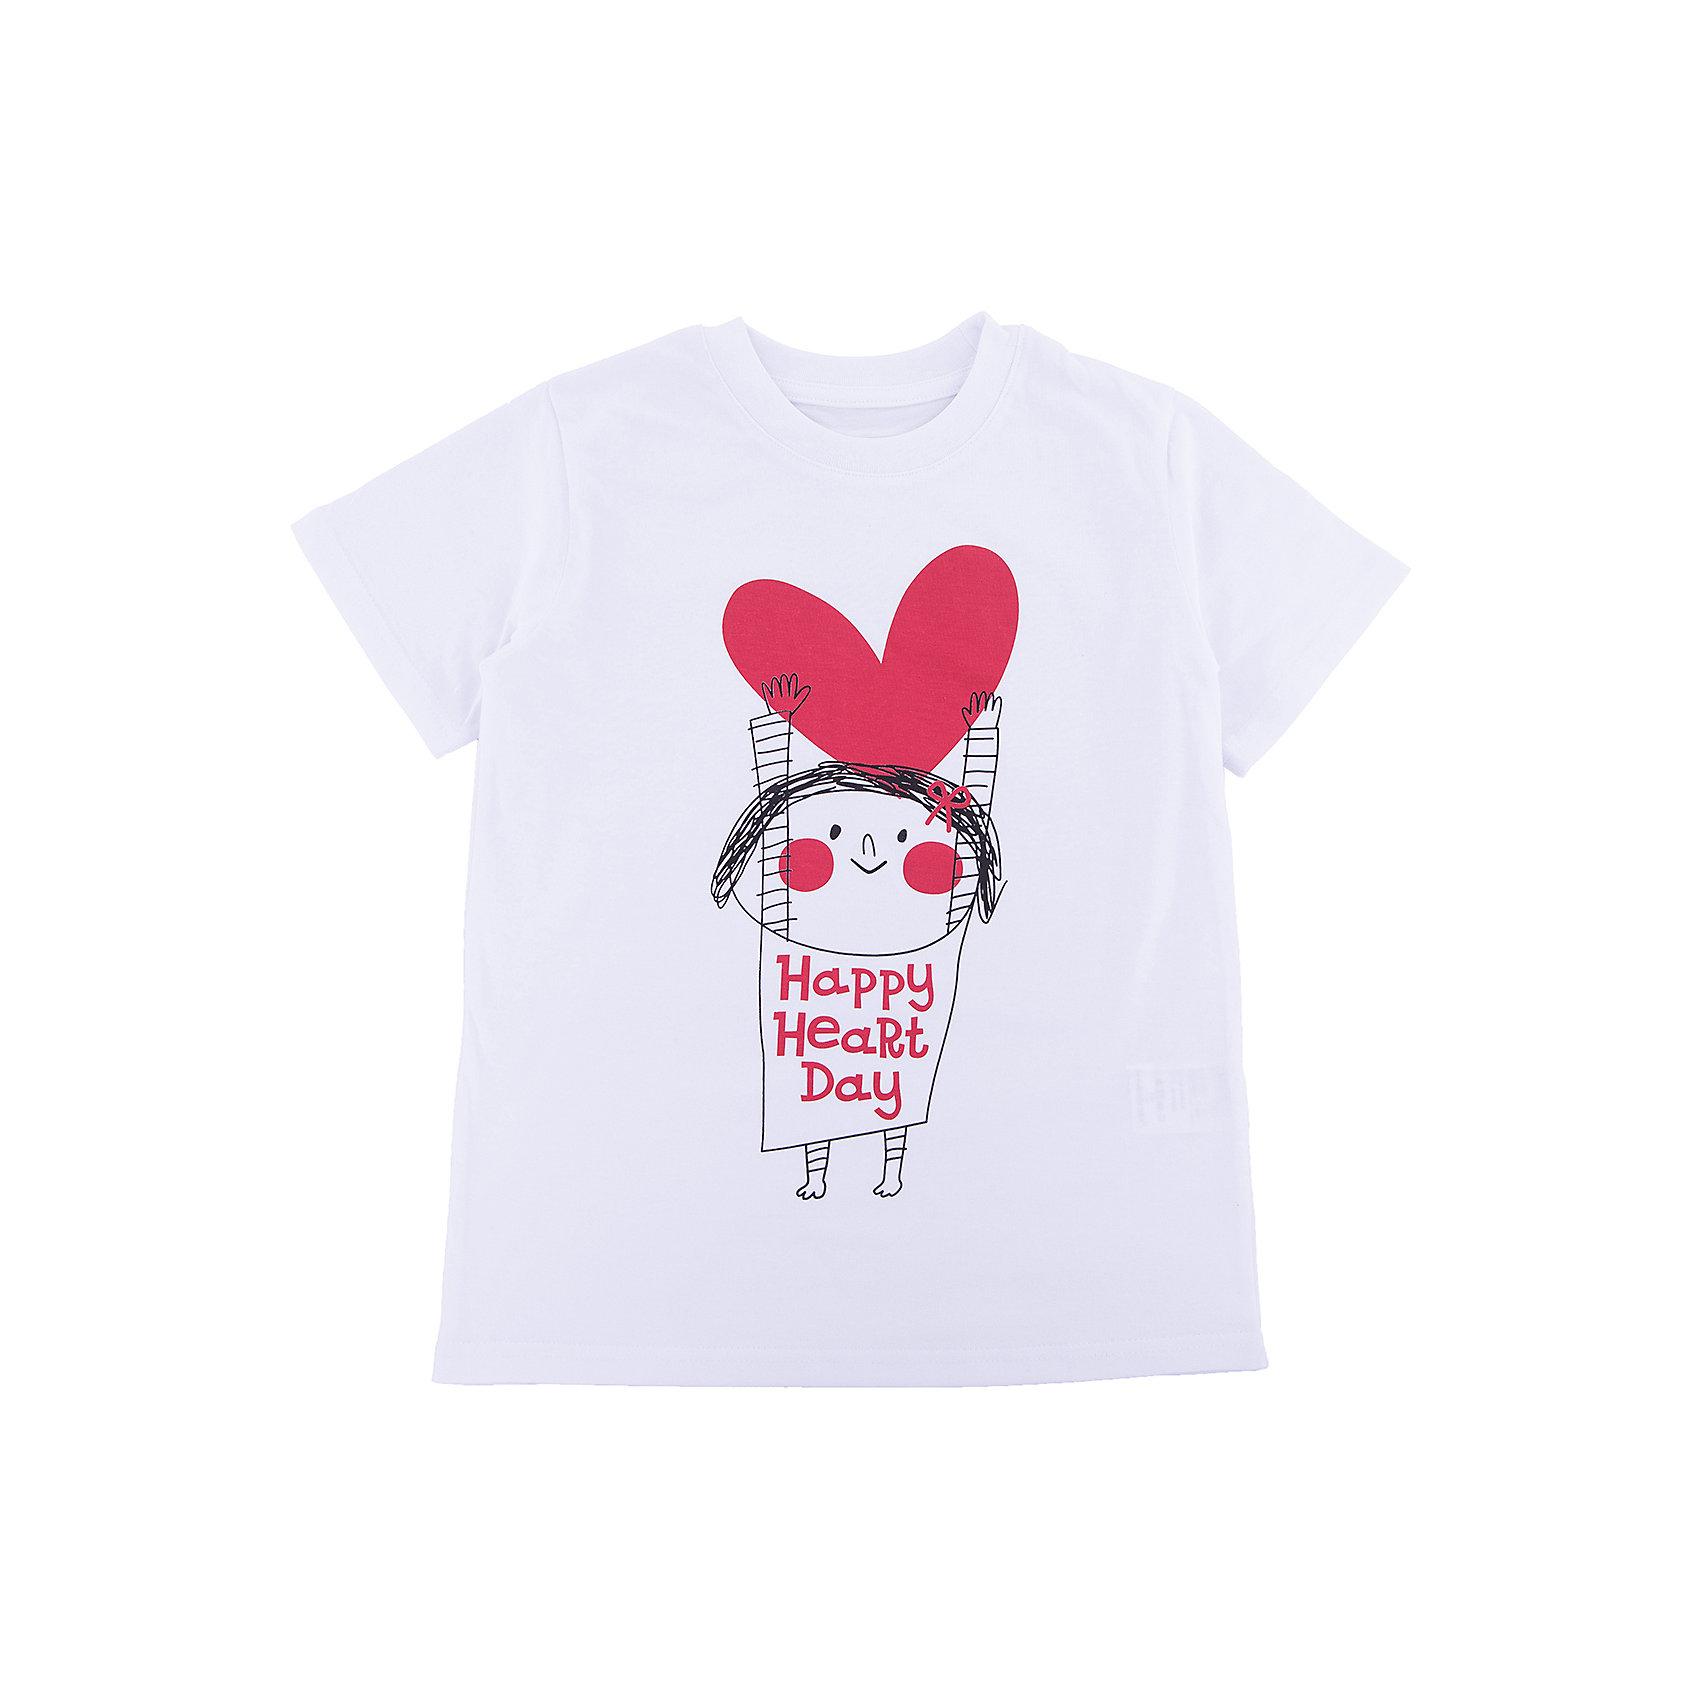 Футболка для девочки WOWФутболки, поло и топы<br>Футболка для девочки WOW<br>Незаменимой вещью в  гардеробе послужит футболка с коротким рукавом. Стильная и в тоже время комфортная модель, с яркой оригинальной печатью, будет превосходно смотреться на ребенке.<br>Состав:<br>кулирная гладь 100% хлопок<br><br>Ширина мм: 199<br>Глубина мм: 10<br>Высота мм: 161<br>Вес г: 151<br>Цвет: белый<br>Возраст от месяцев: 72<br>Возраст до месяцев: 84<br>Пол: Женский<br>Возраст: Детский<br>Размер: 122,98,104,110,116<br>SKU: 6871594